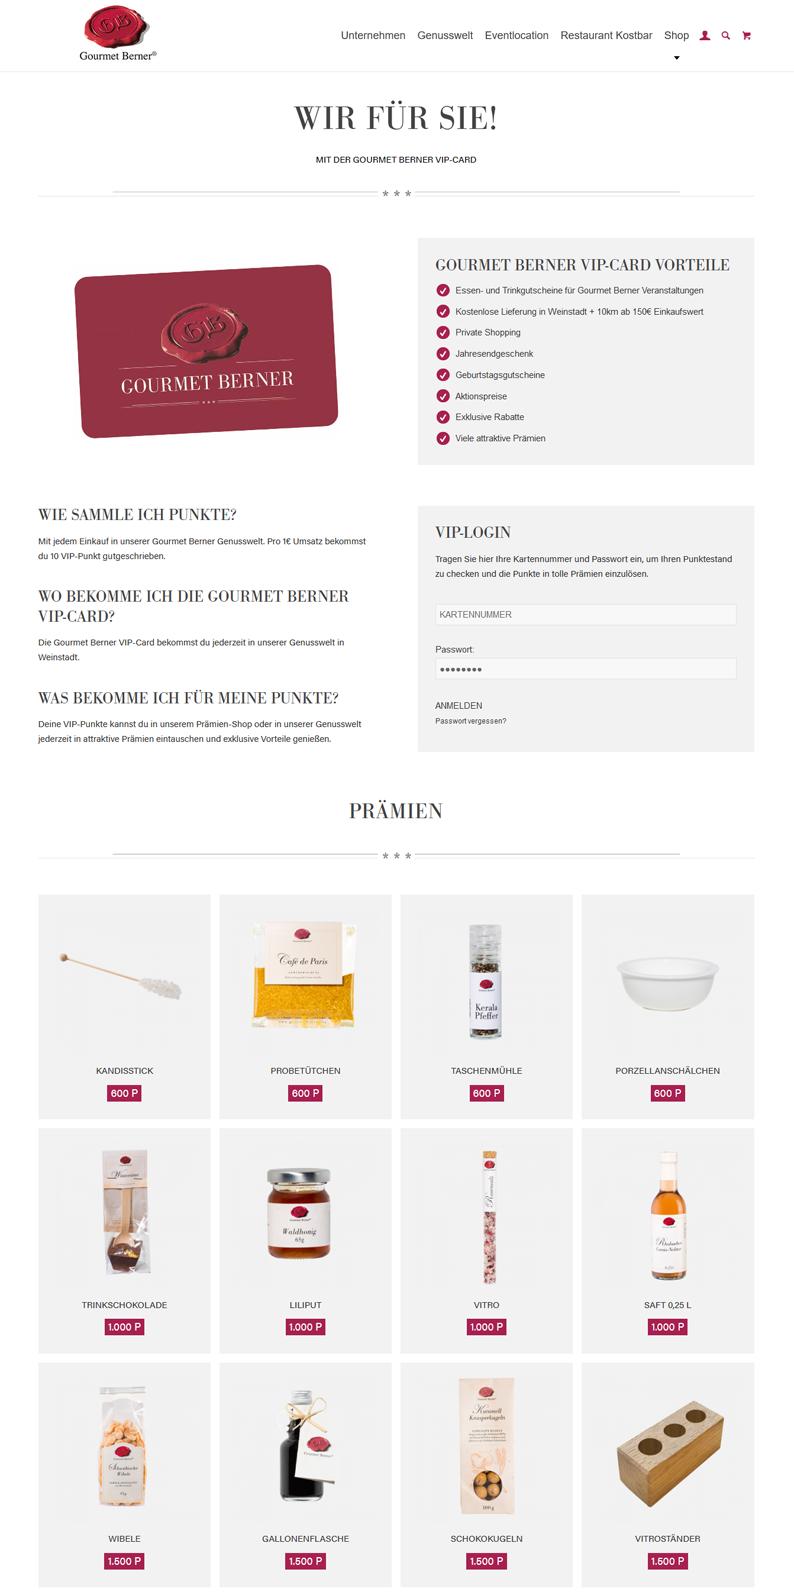 Die Kundenkarte von Gourmet Berner auf der Webseite